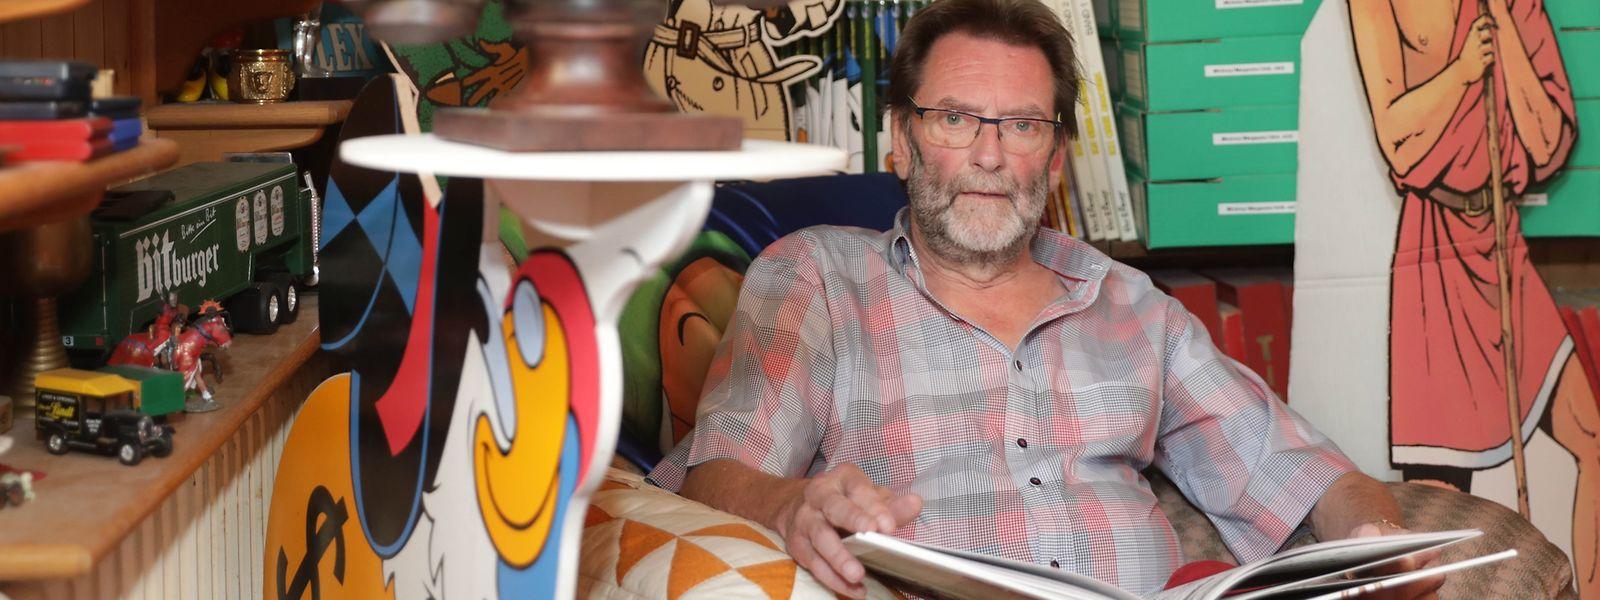 Über 16 000 Comic-Hefte und Comic-Gegenstände nennt Charles Bauer sein eigen.